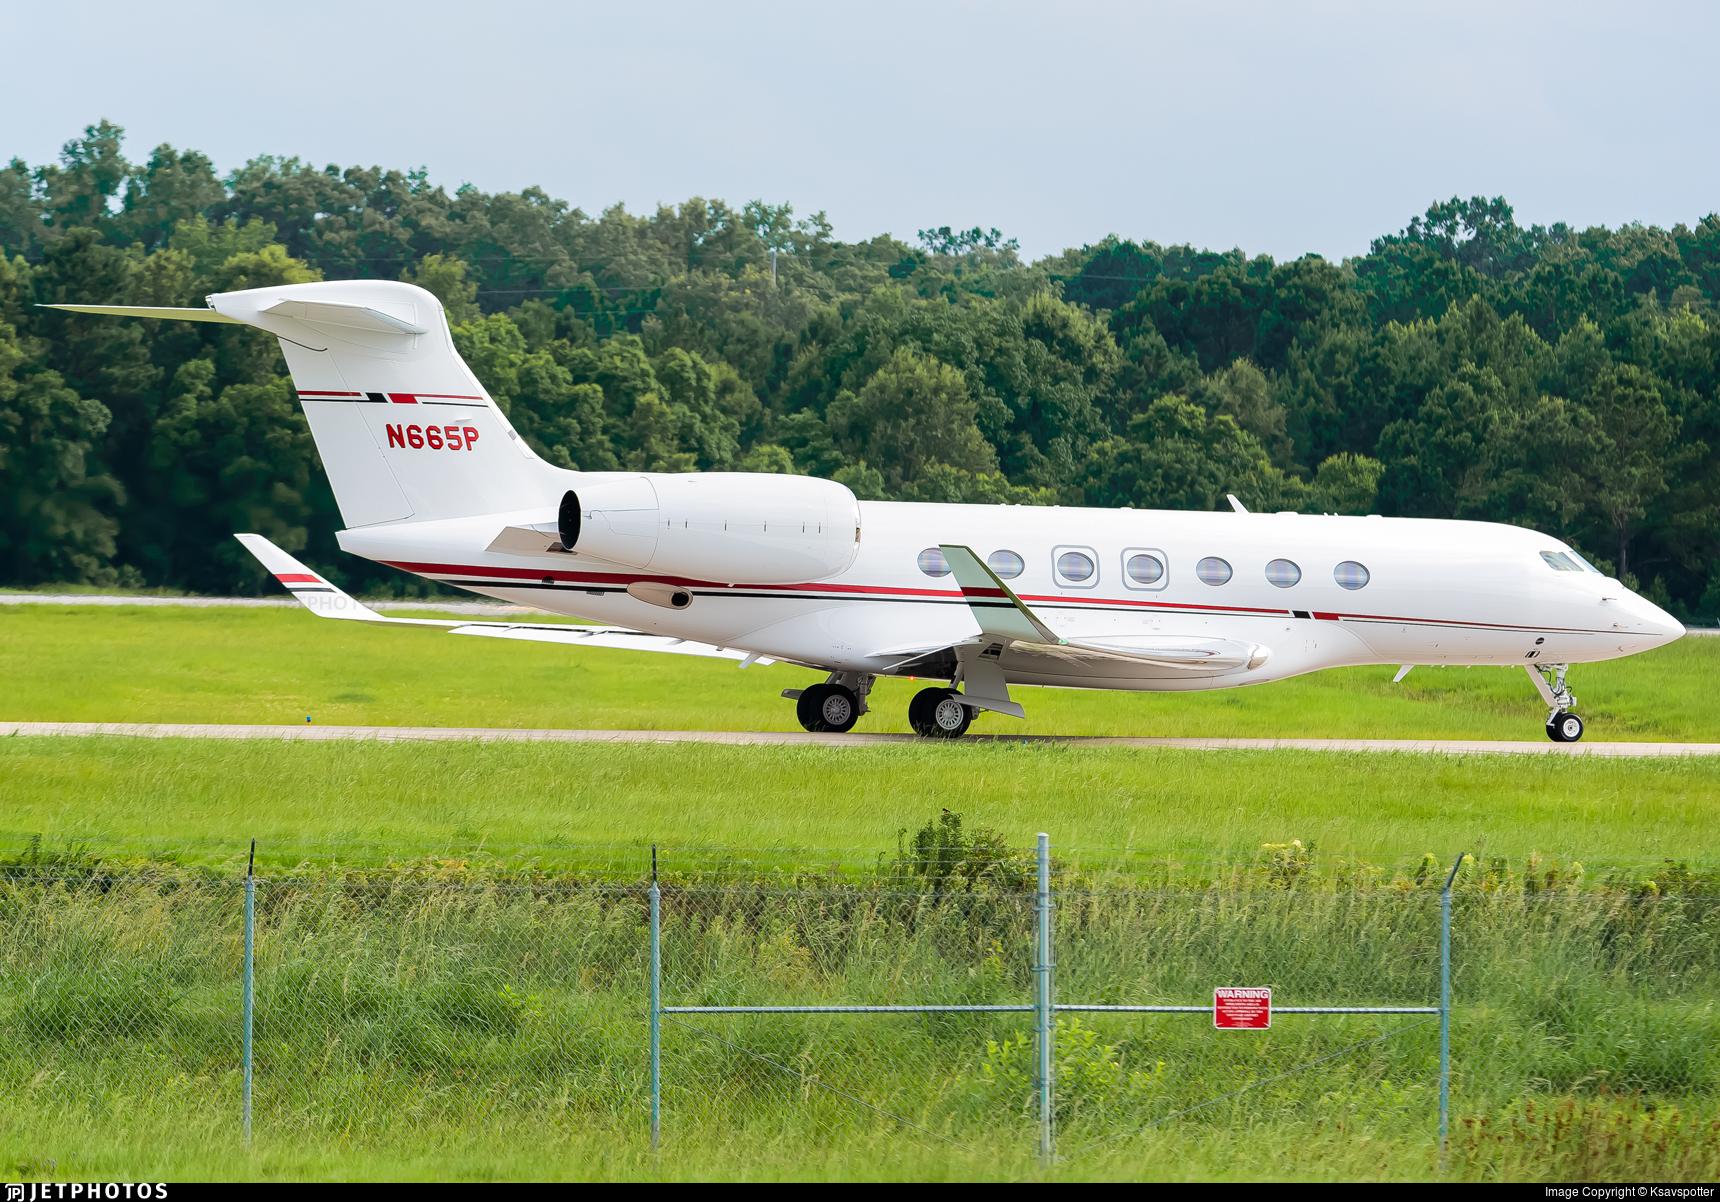 N665P - Gulfstream G600 - Private